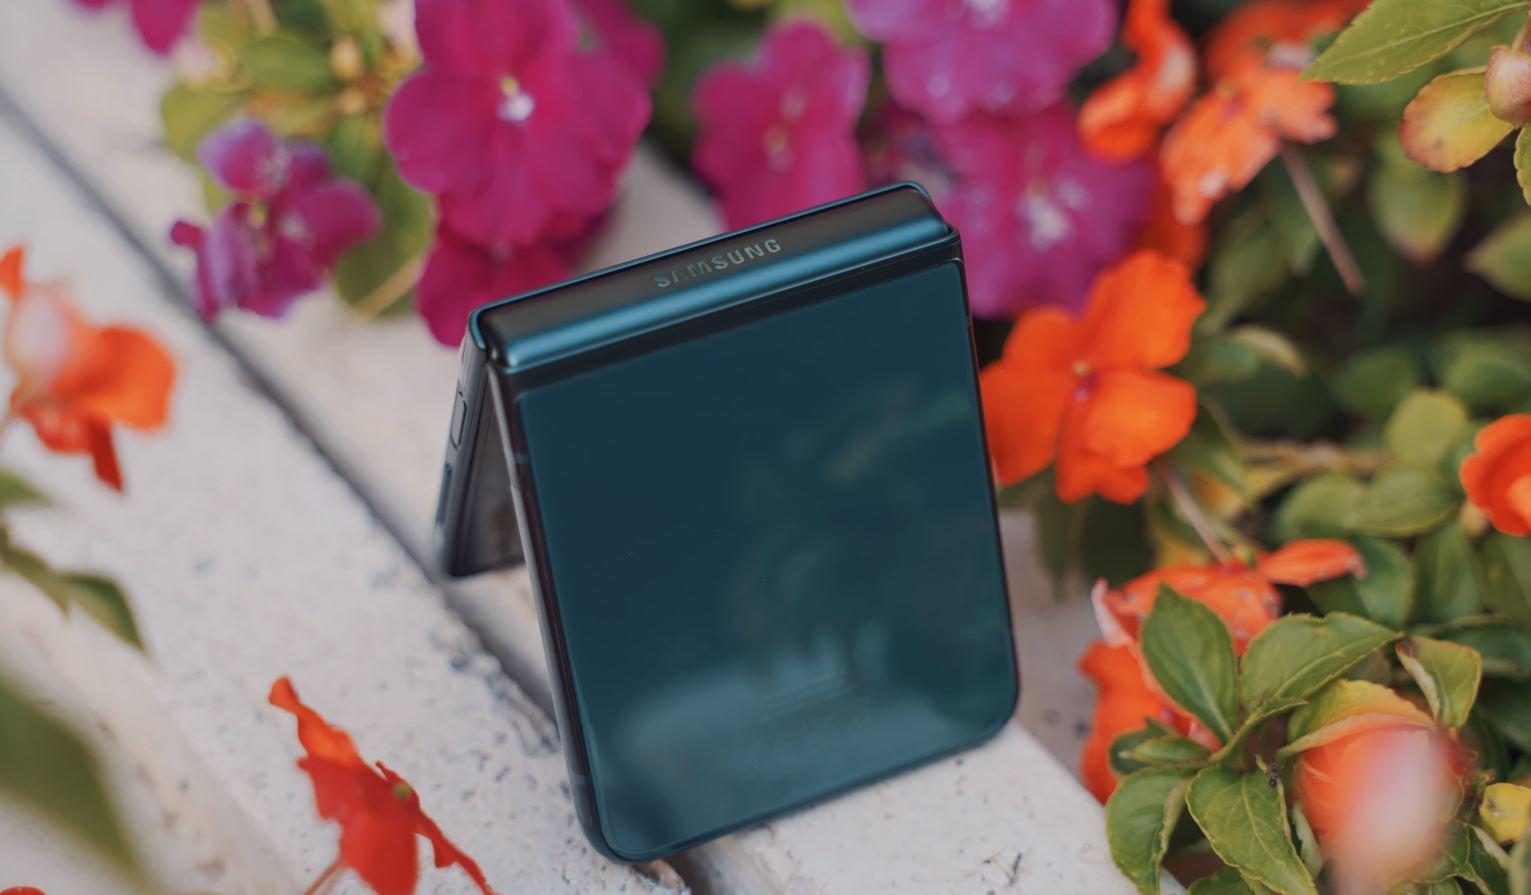 смартфон Samsung Galaxy Z Flip3: Стилен аксесоар и практичен смартфон в едно А1 Блог